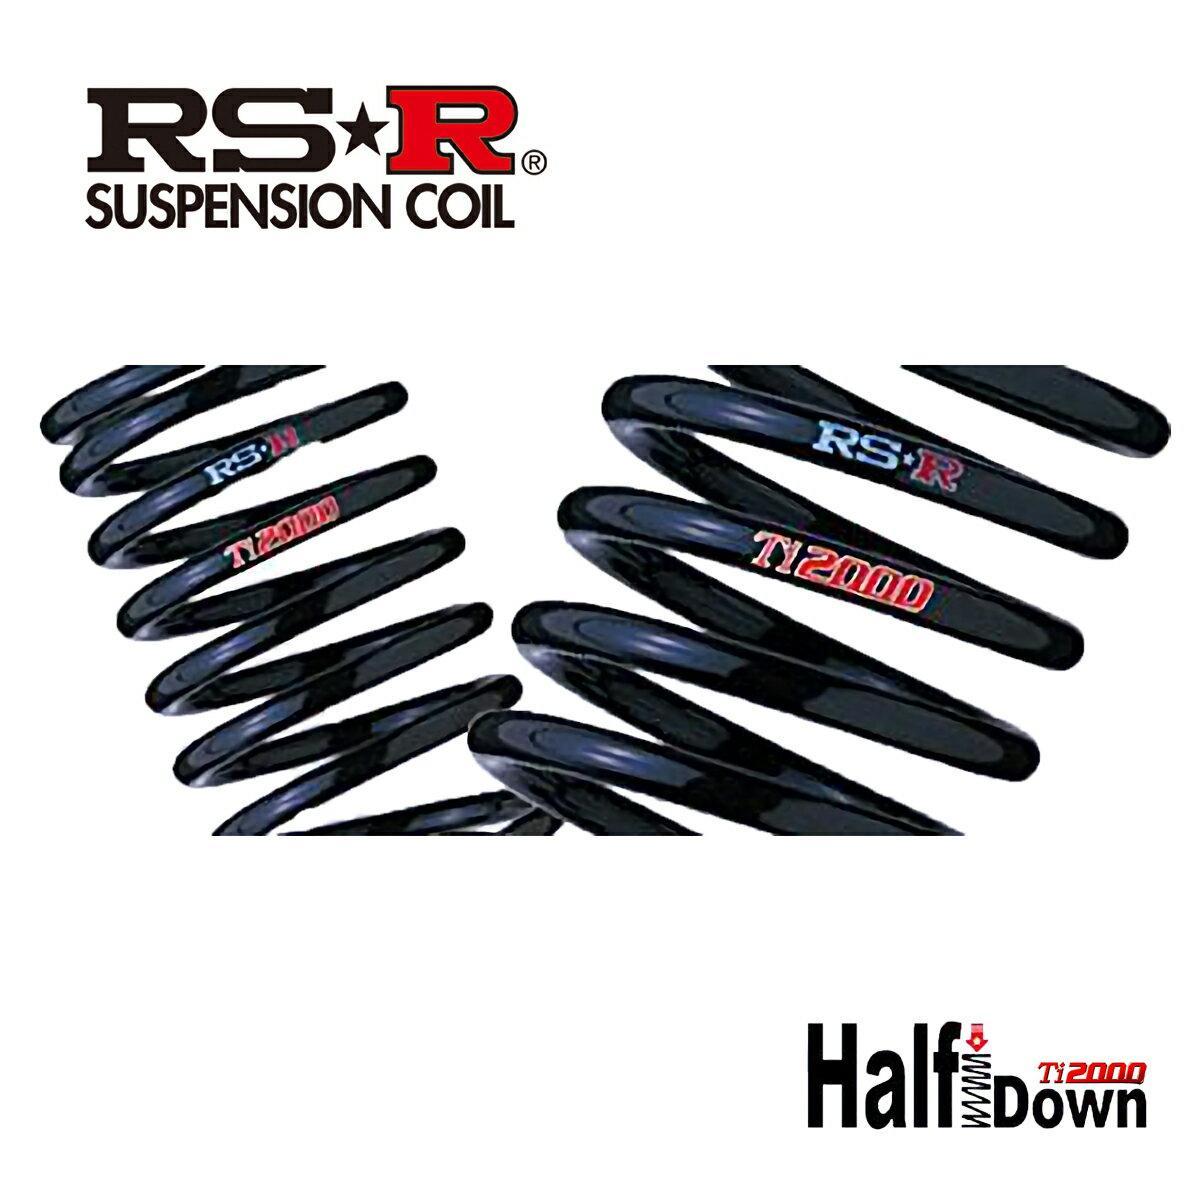 RS-R シエンタ Gグレード NSP170G ダウンサス スプリング フロントのみ T896THDF Ti2000 ハーフダウン RSR 個人宅発送追金有